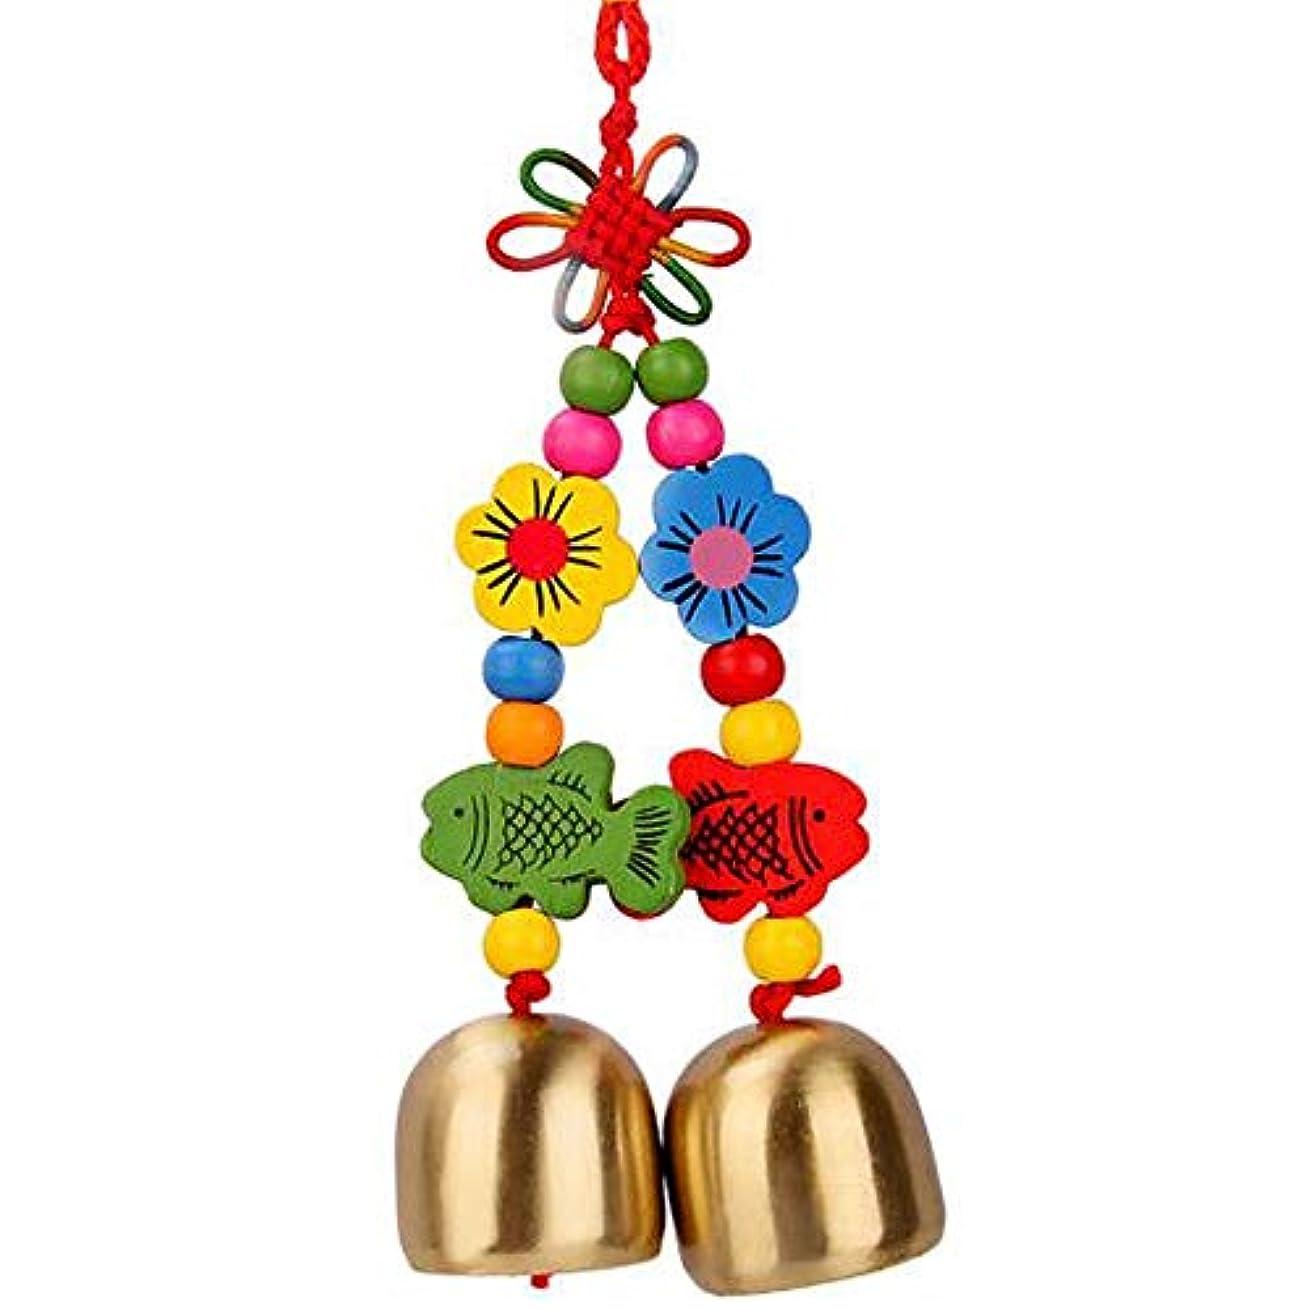 エッセンス価値アルプスYougou01 風チャイム、中国のノット銅鐘ホーム車の装飾、ゴールド、全長約22CM 、創造的な装飾 (Color : B)